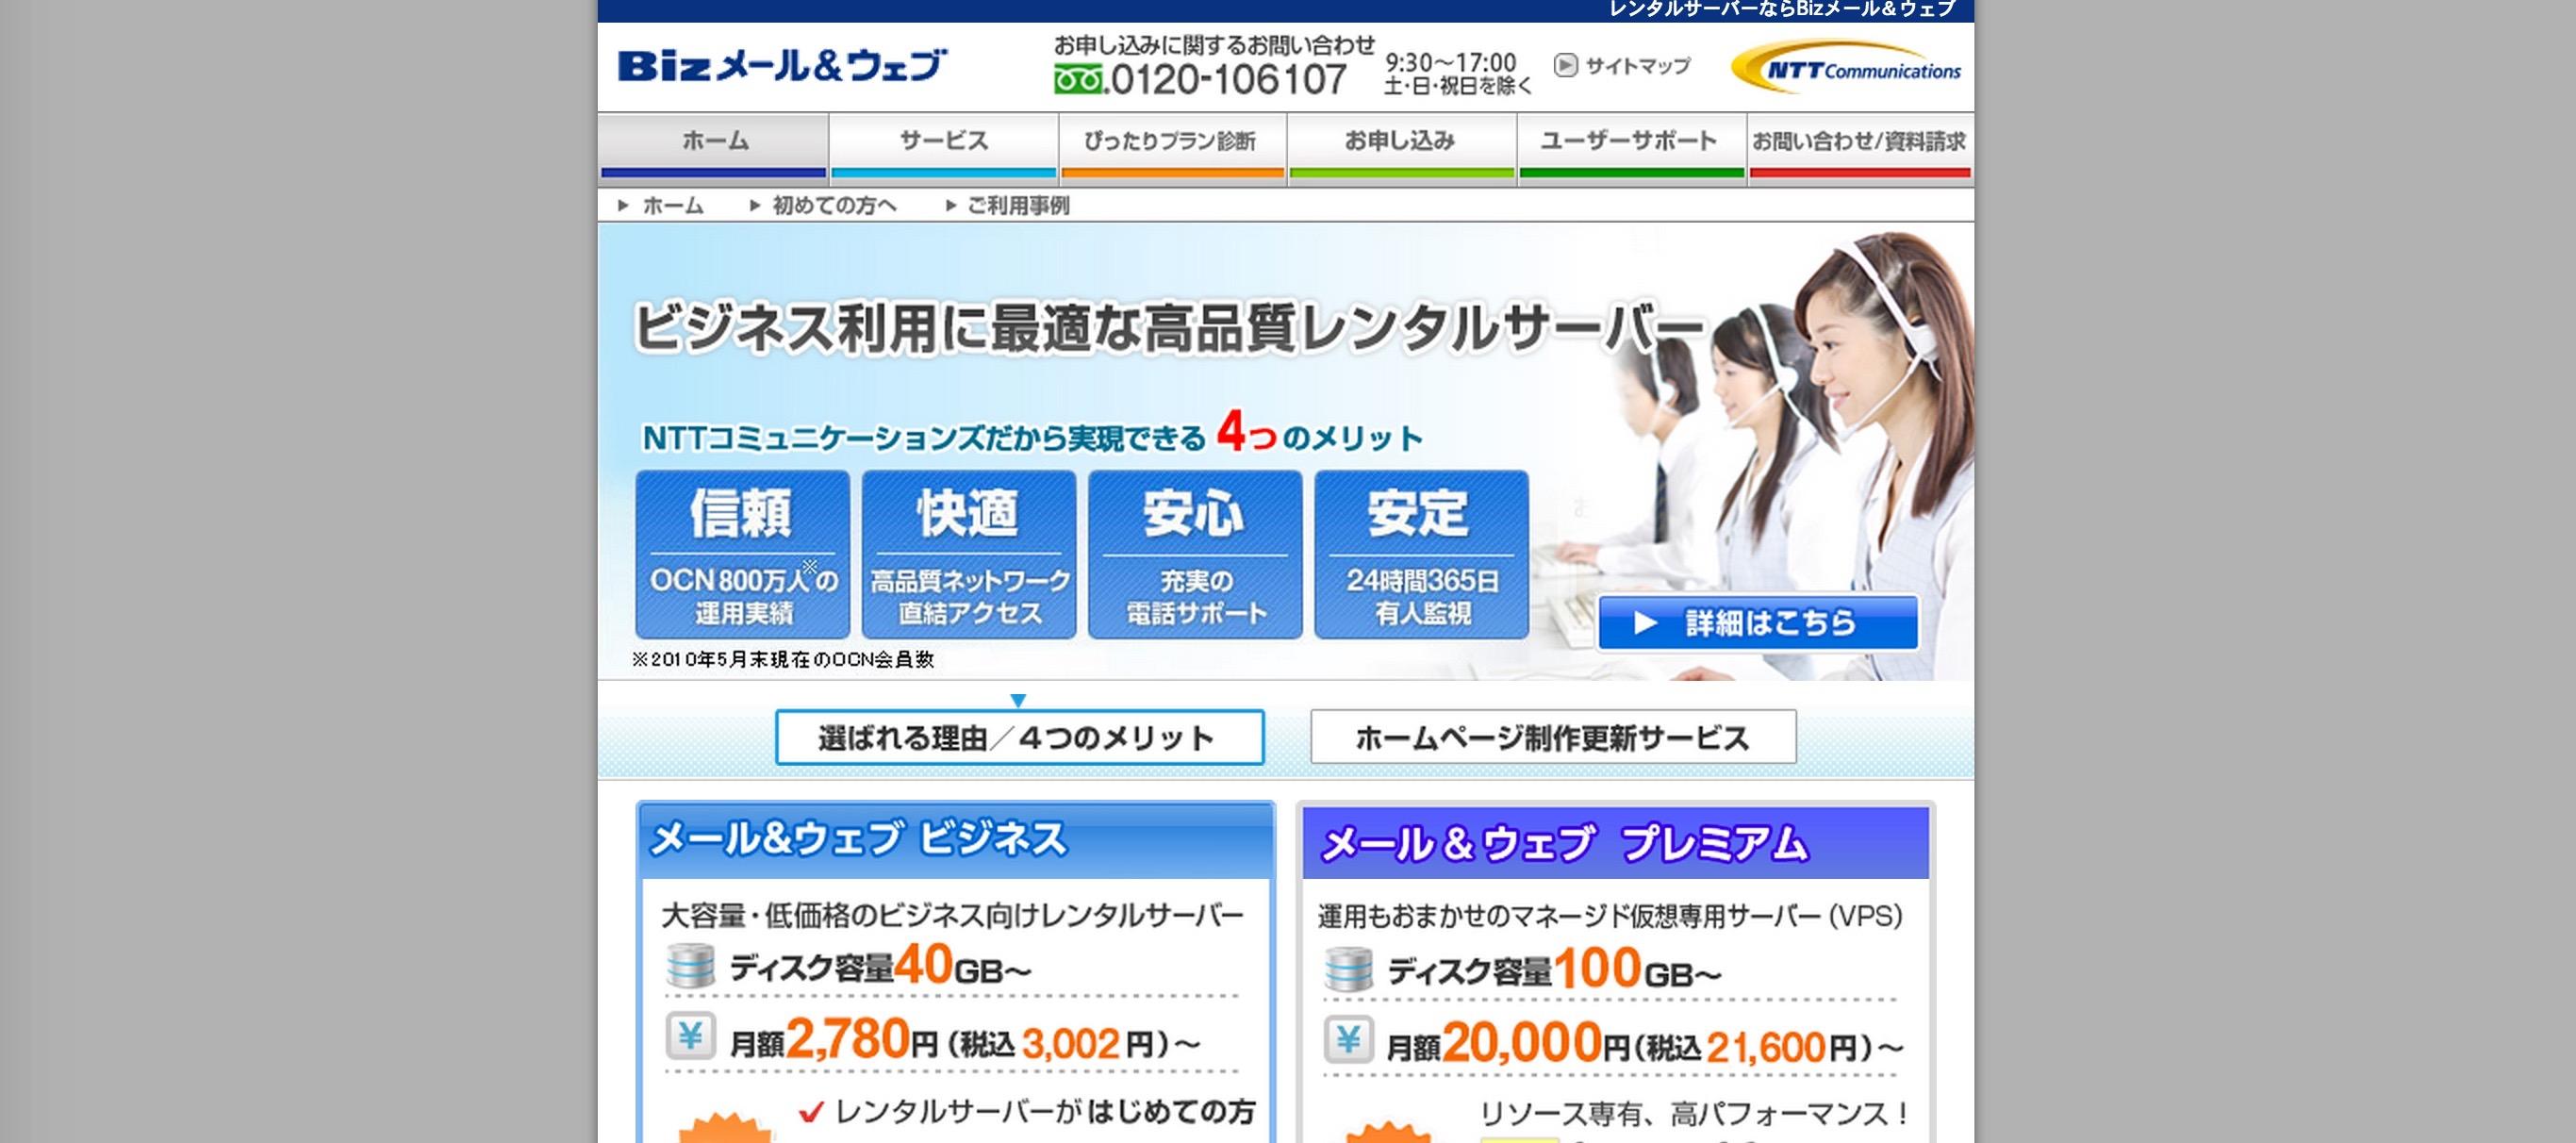 レンタルサーバー・ホスティングならBizメール&ウェブ|NTT_Com_法人のお客さま